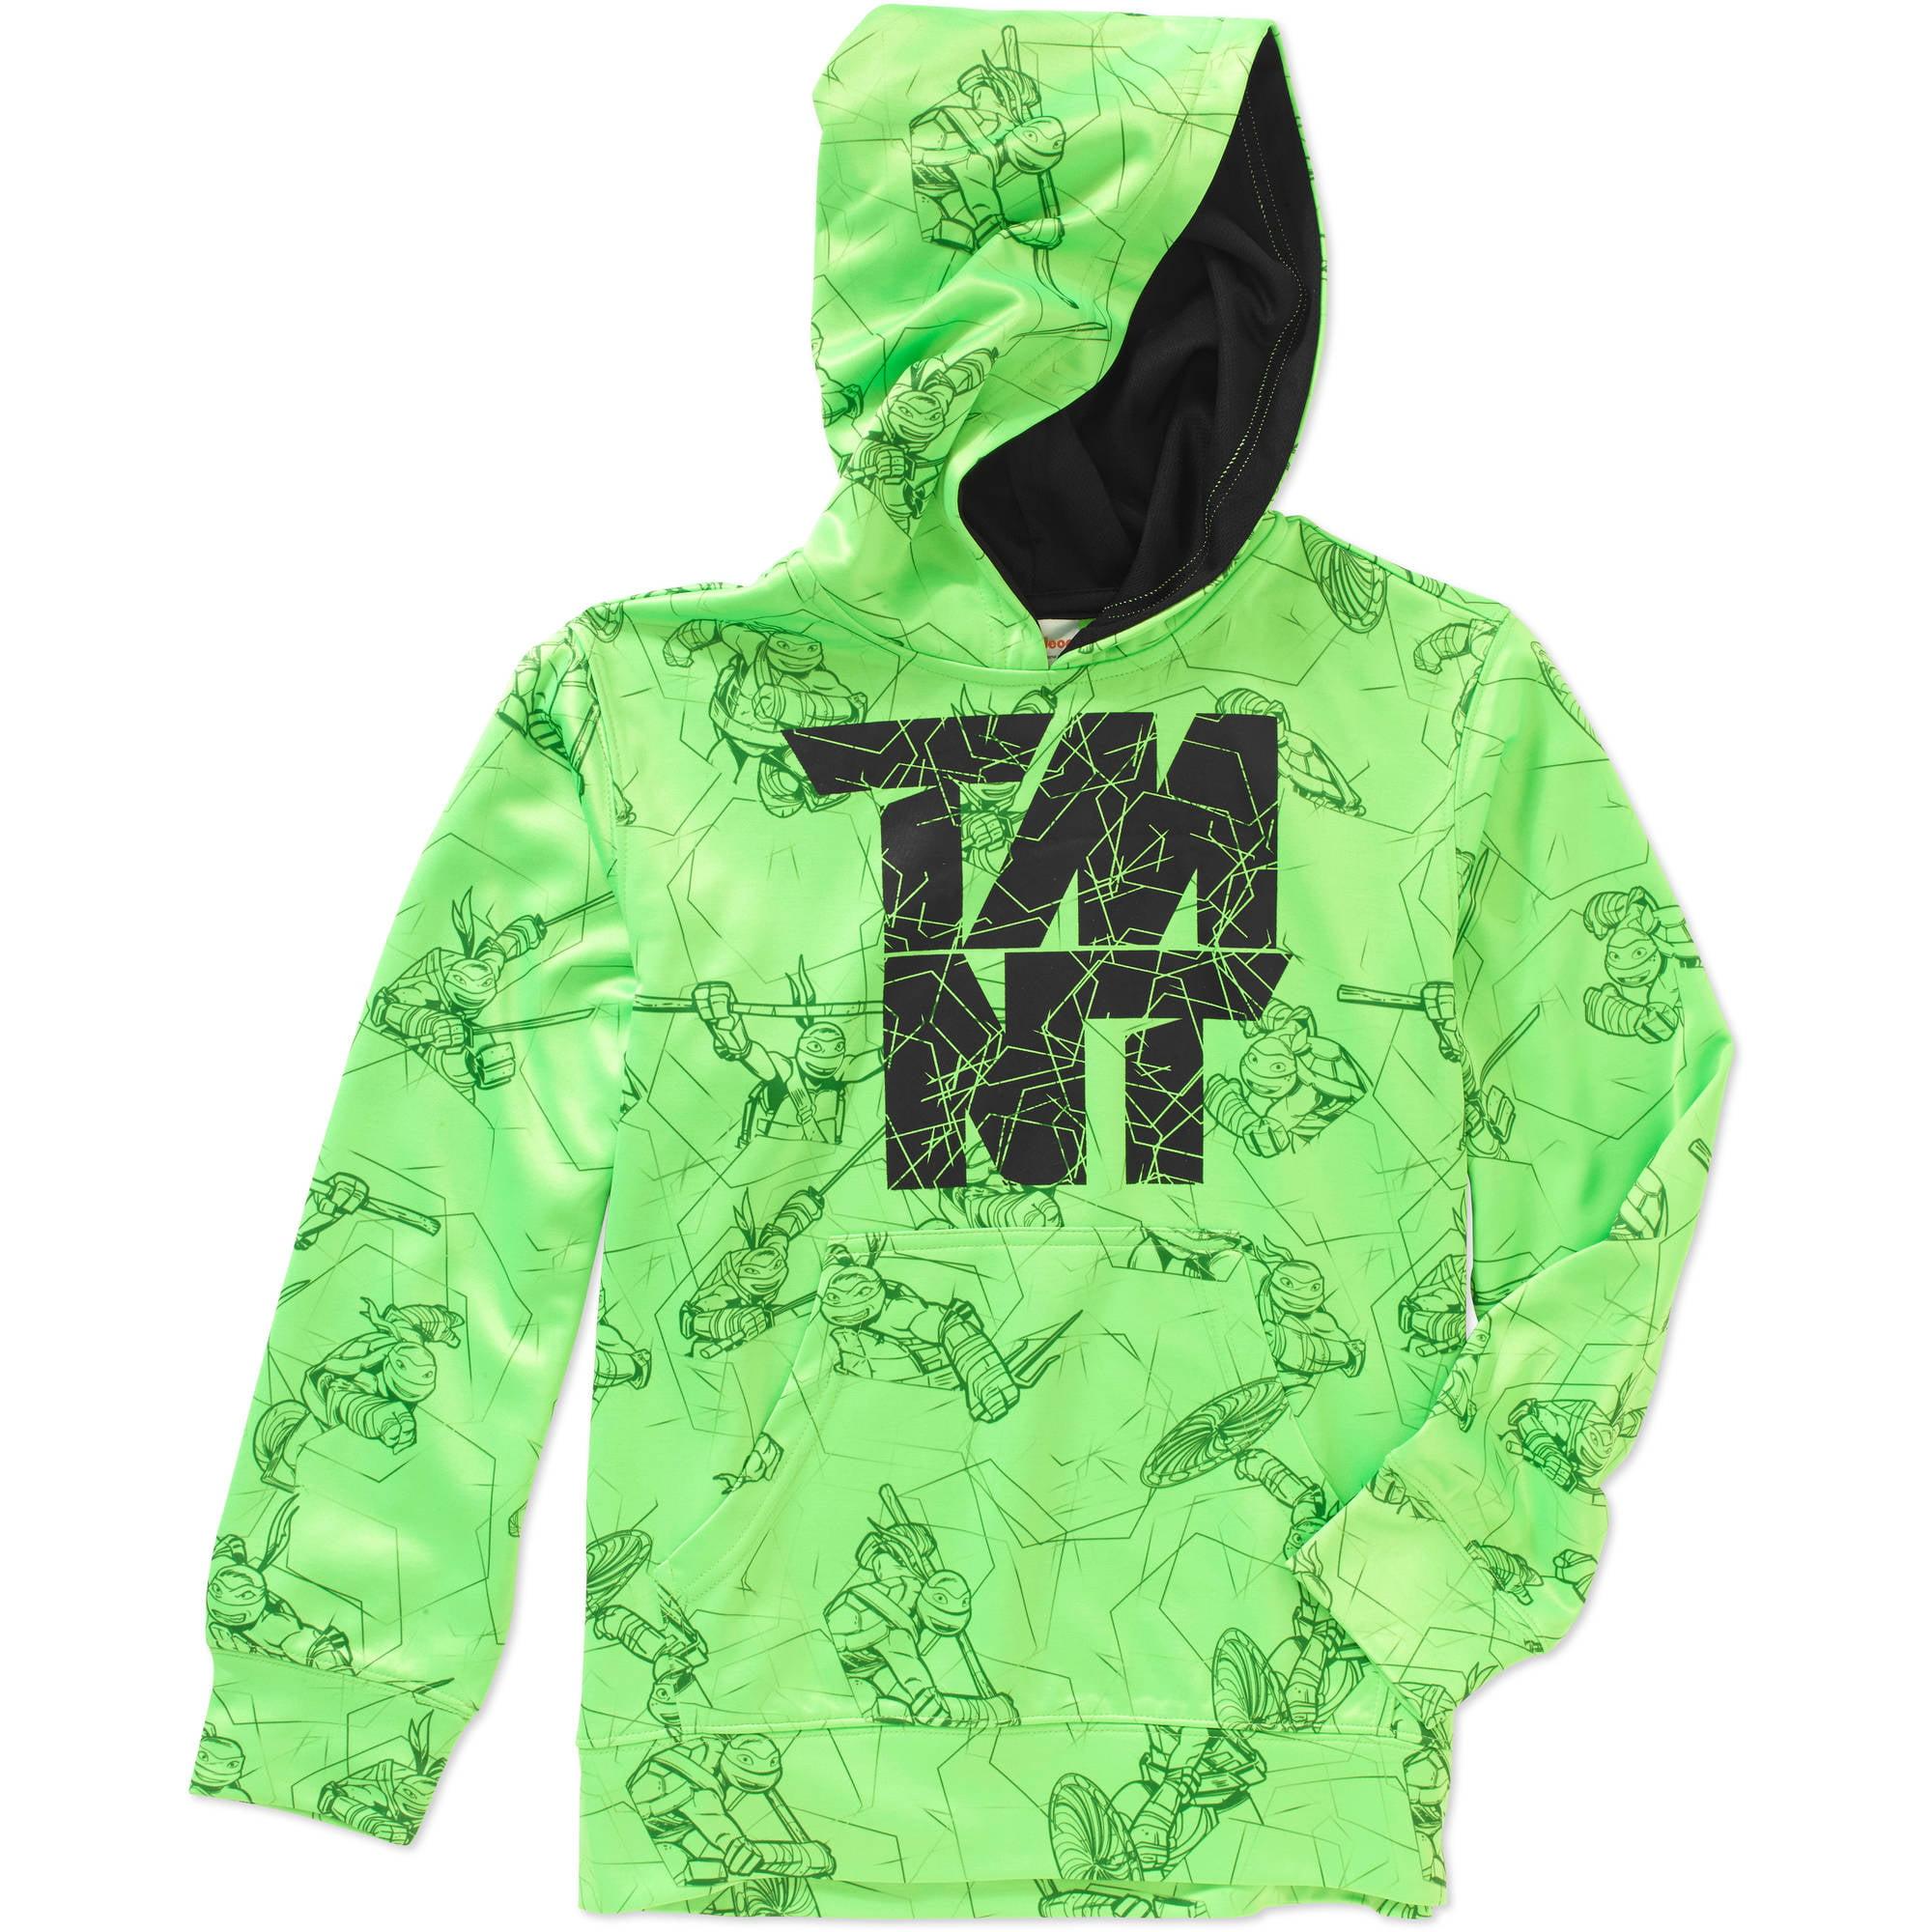 Teenage Mutant Ninja Turtles Boys' Sublimated Poly Fleece Hoodie